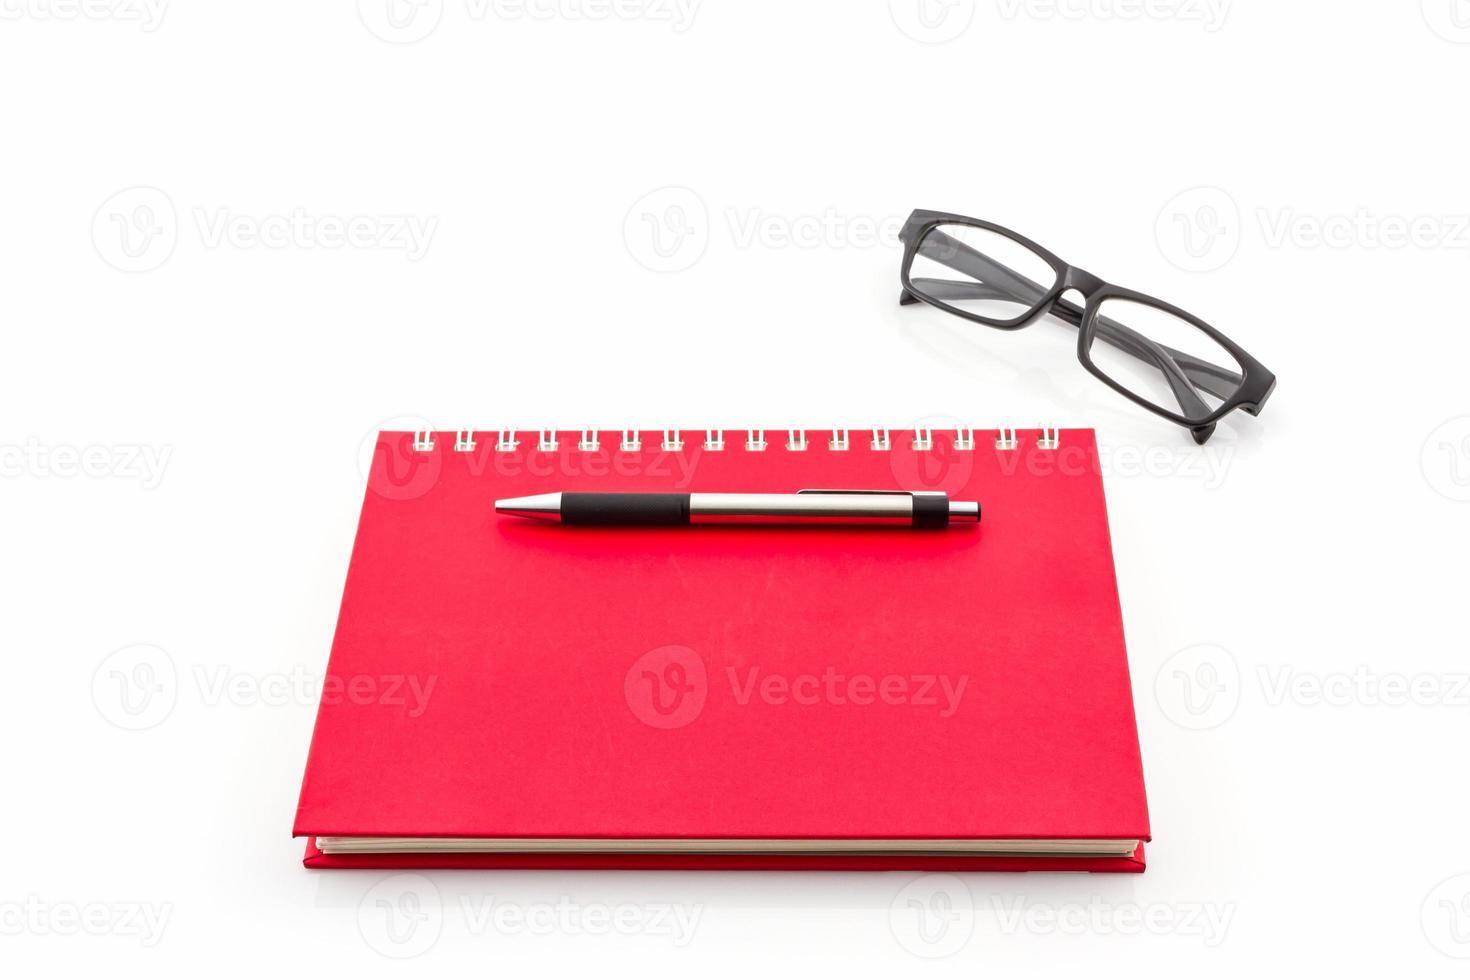 livre de journal rouge sur fond blanc. photo